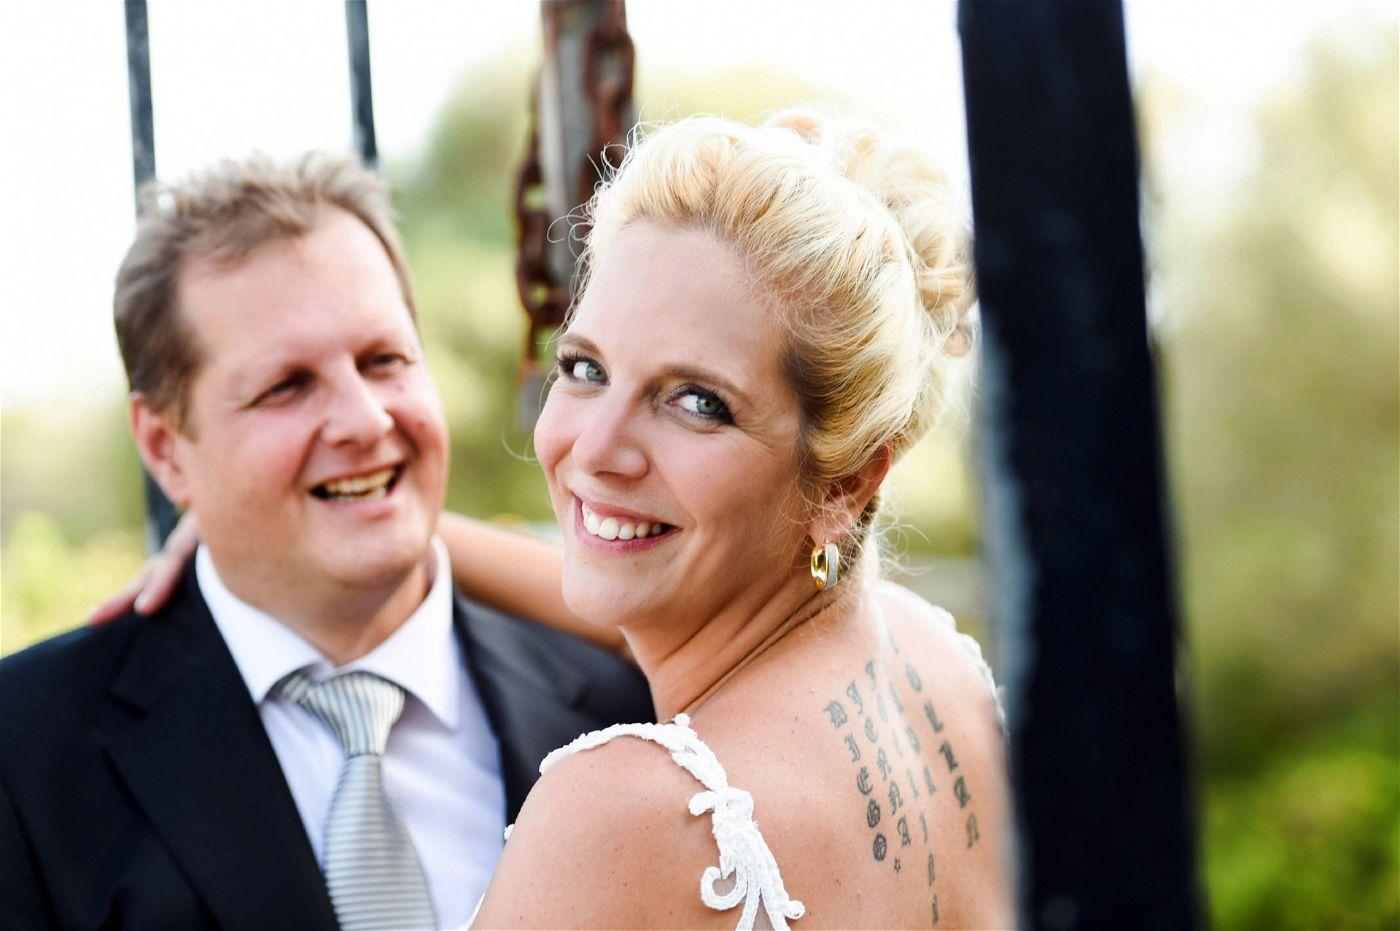 Jens Büchner Hochzeit